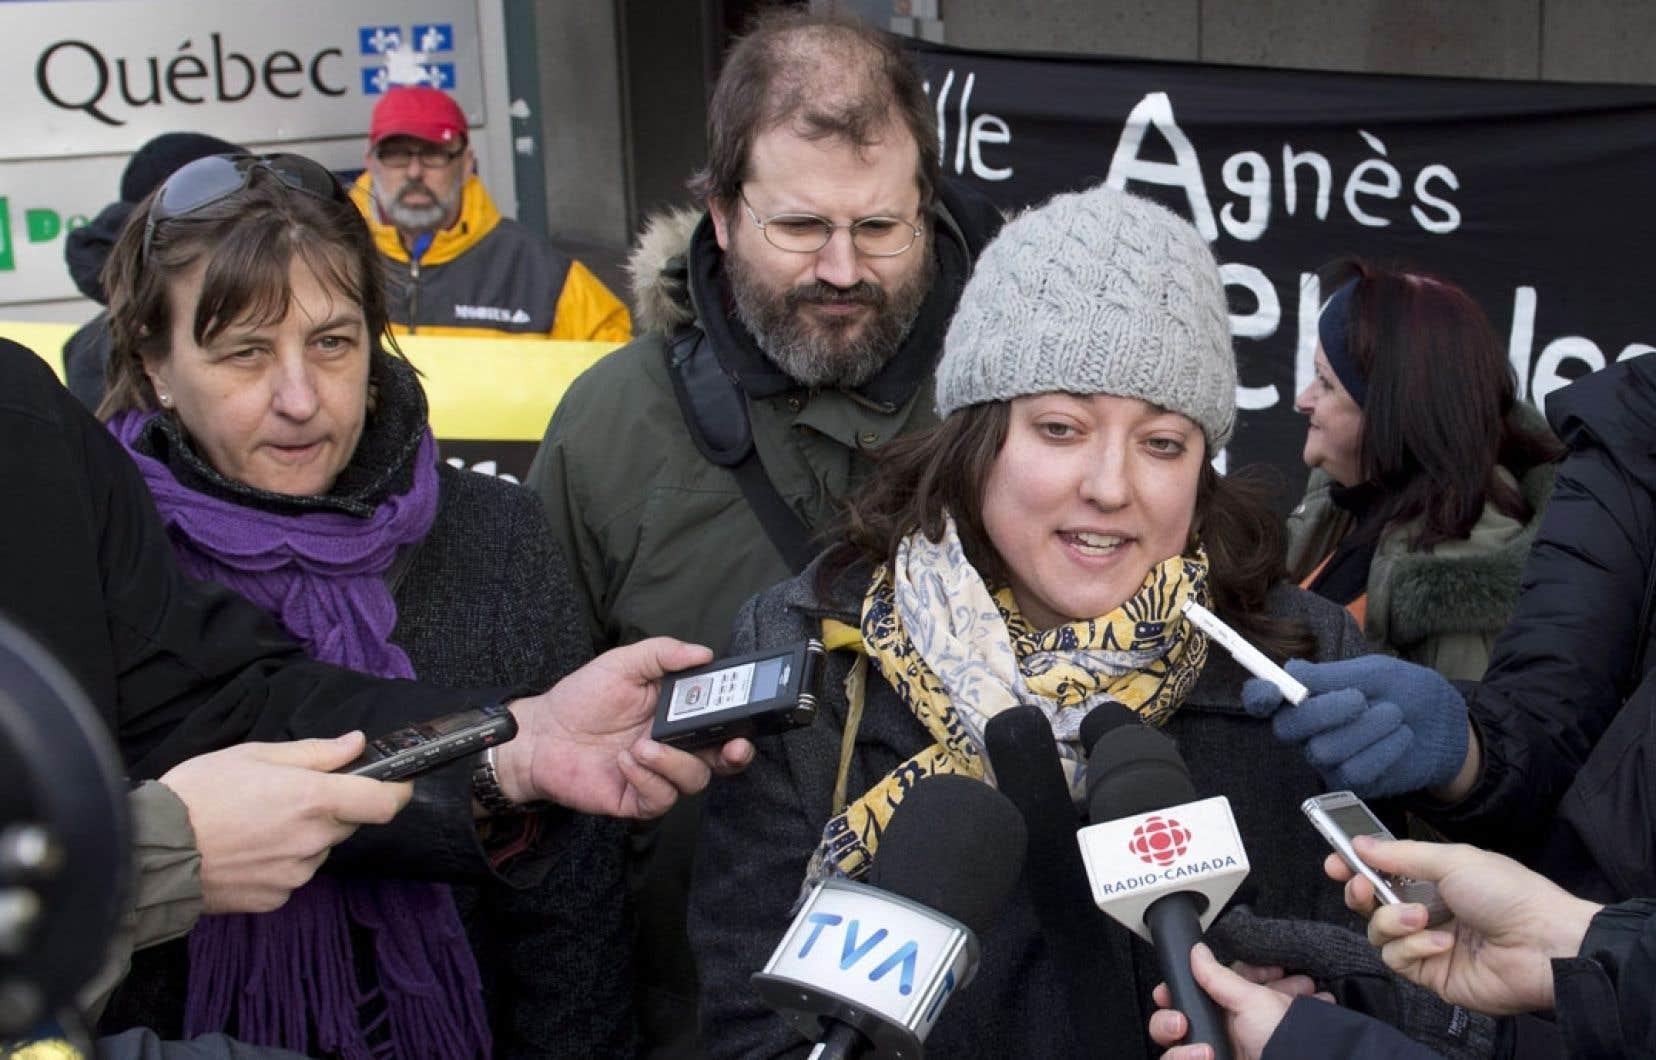 Amélie Châteauneuf, du Front commun des personnes assistées sociales du Québec, s'avouait inquiète à la suite de sa rencontre avec la ministre Agnès Maltais. Selon elle, la ministre a avoué « qu'elle était bien consciente qu'avec le projet actuel de réforme [de l'aide sociale], il était possible qu'elle échappe des personnes ».